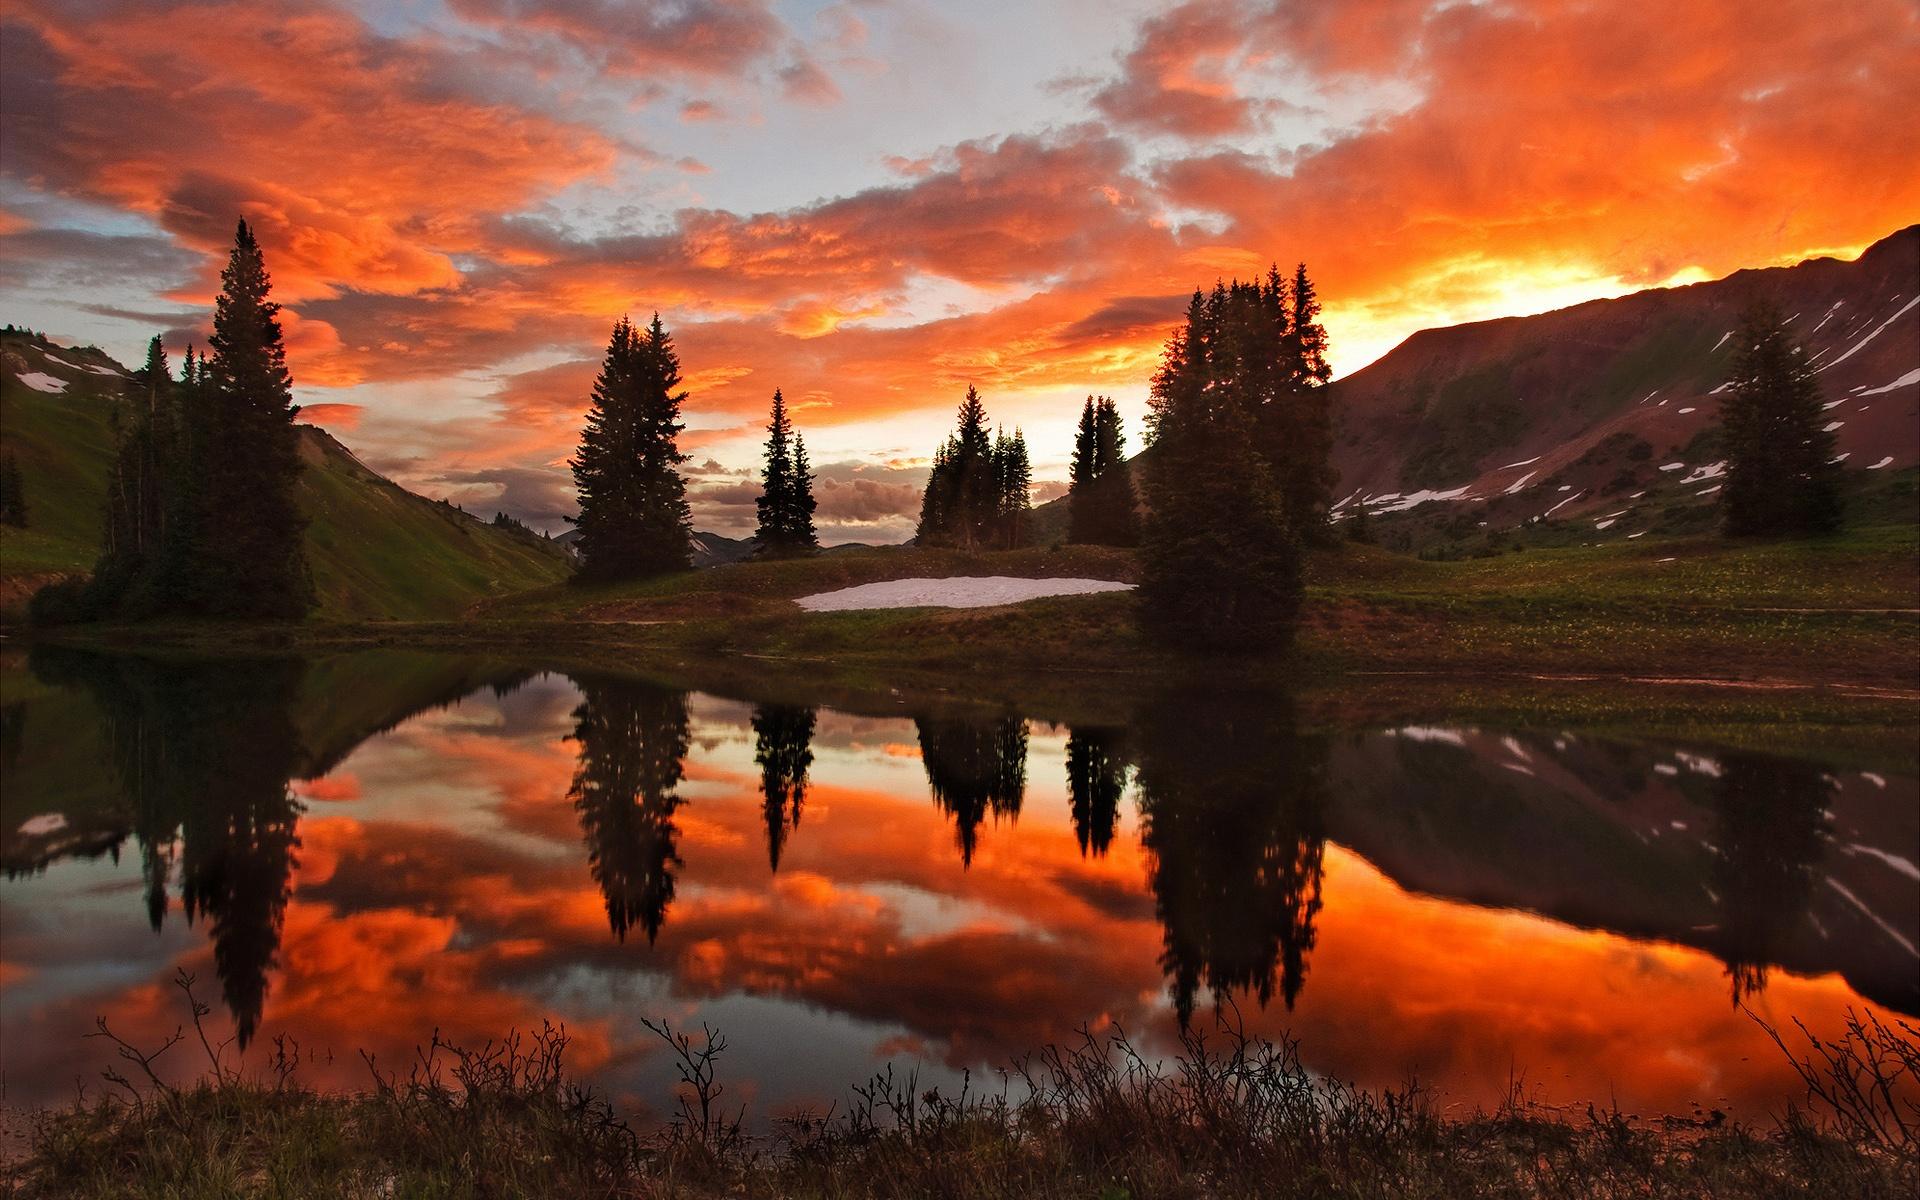 озеро в лесу на закате  № 380204 загрузить